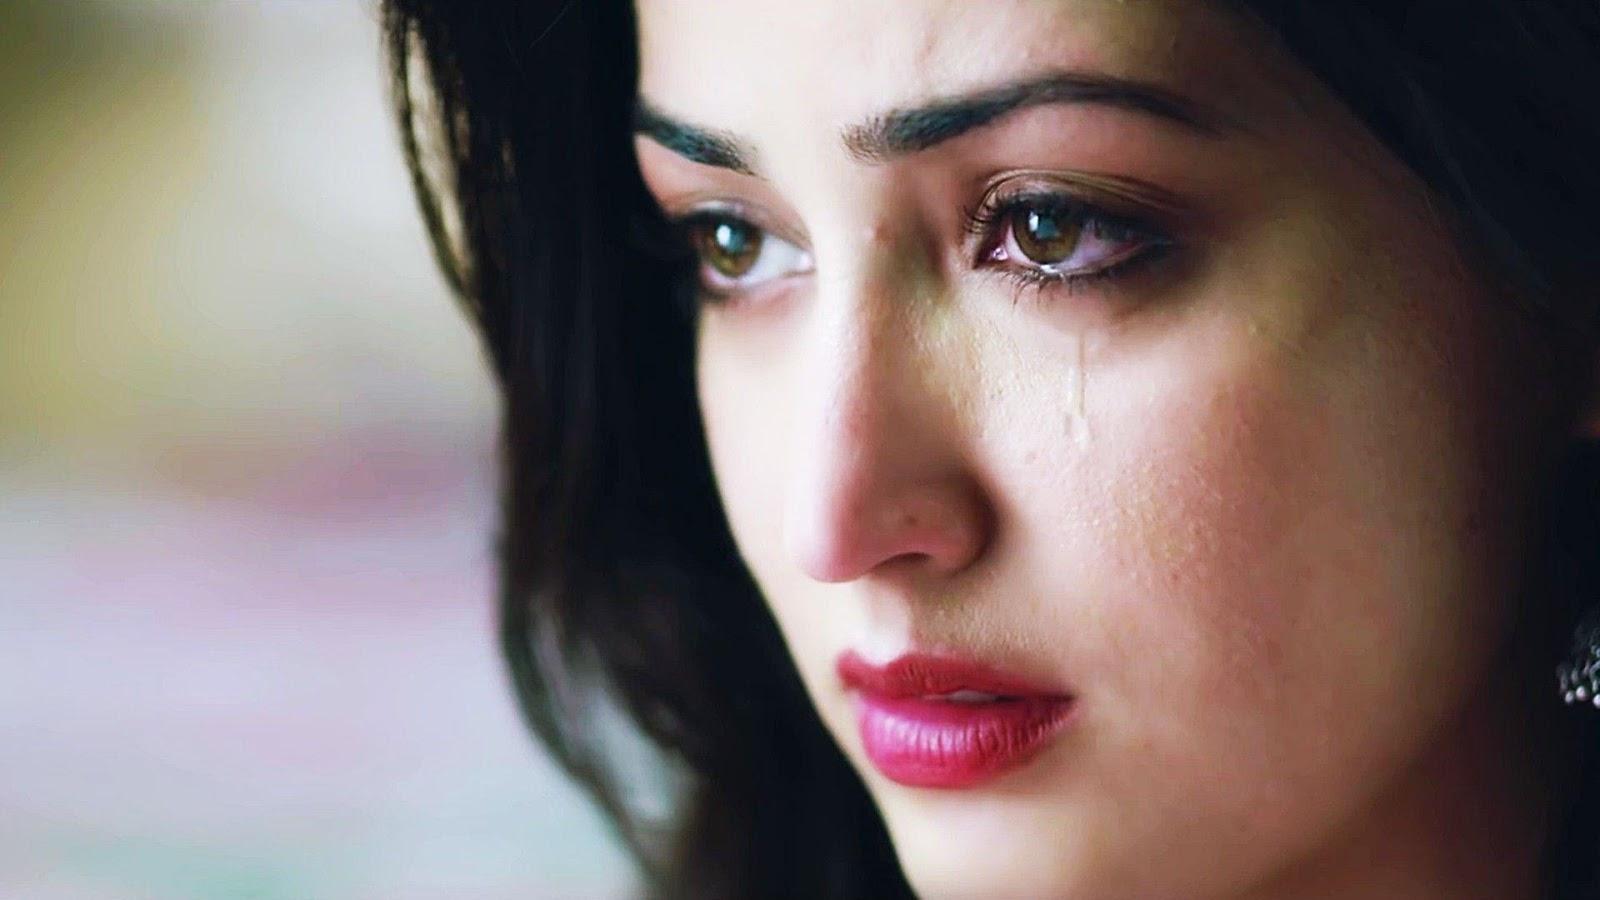 wp1863180 - SAD GIRLS PHOTOS HD(All Indian Hd Sad Girls Photos)